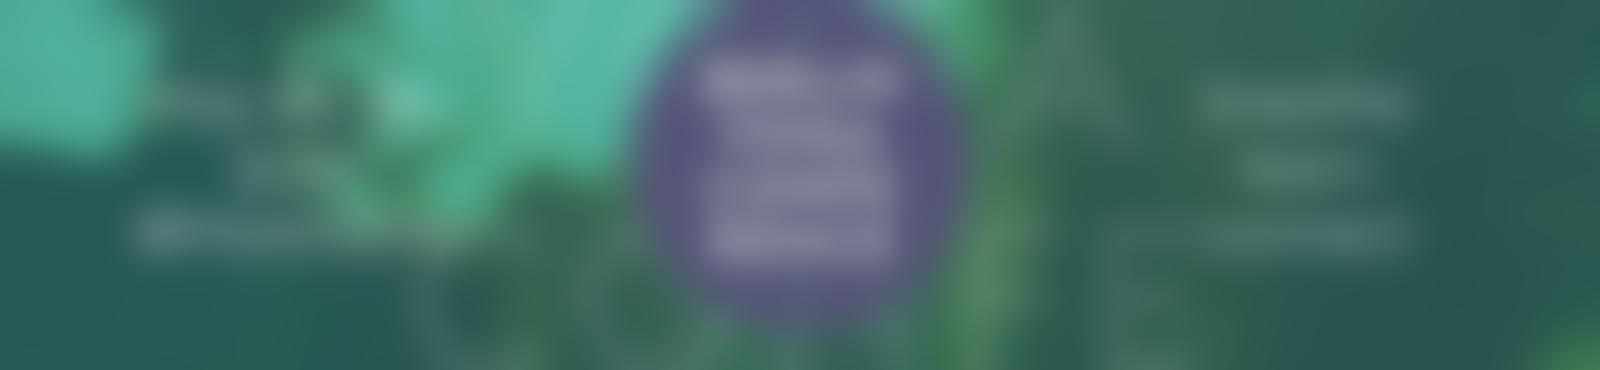 Blurred 0503f396 bef1 4735 951f 09d05a52f8b0